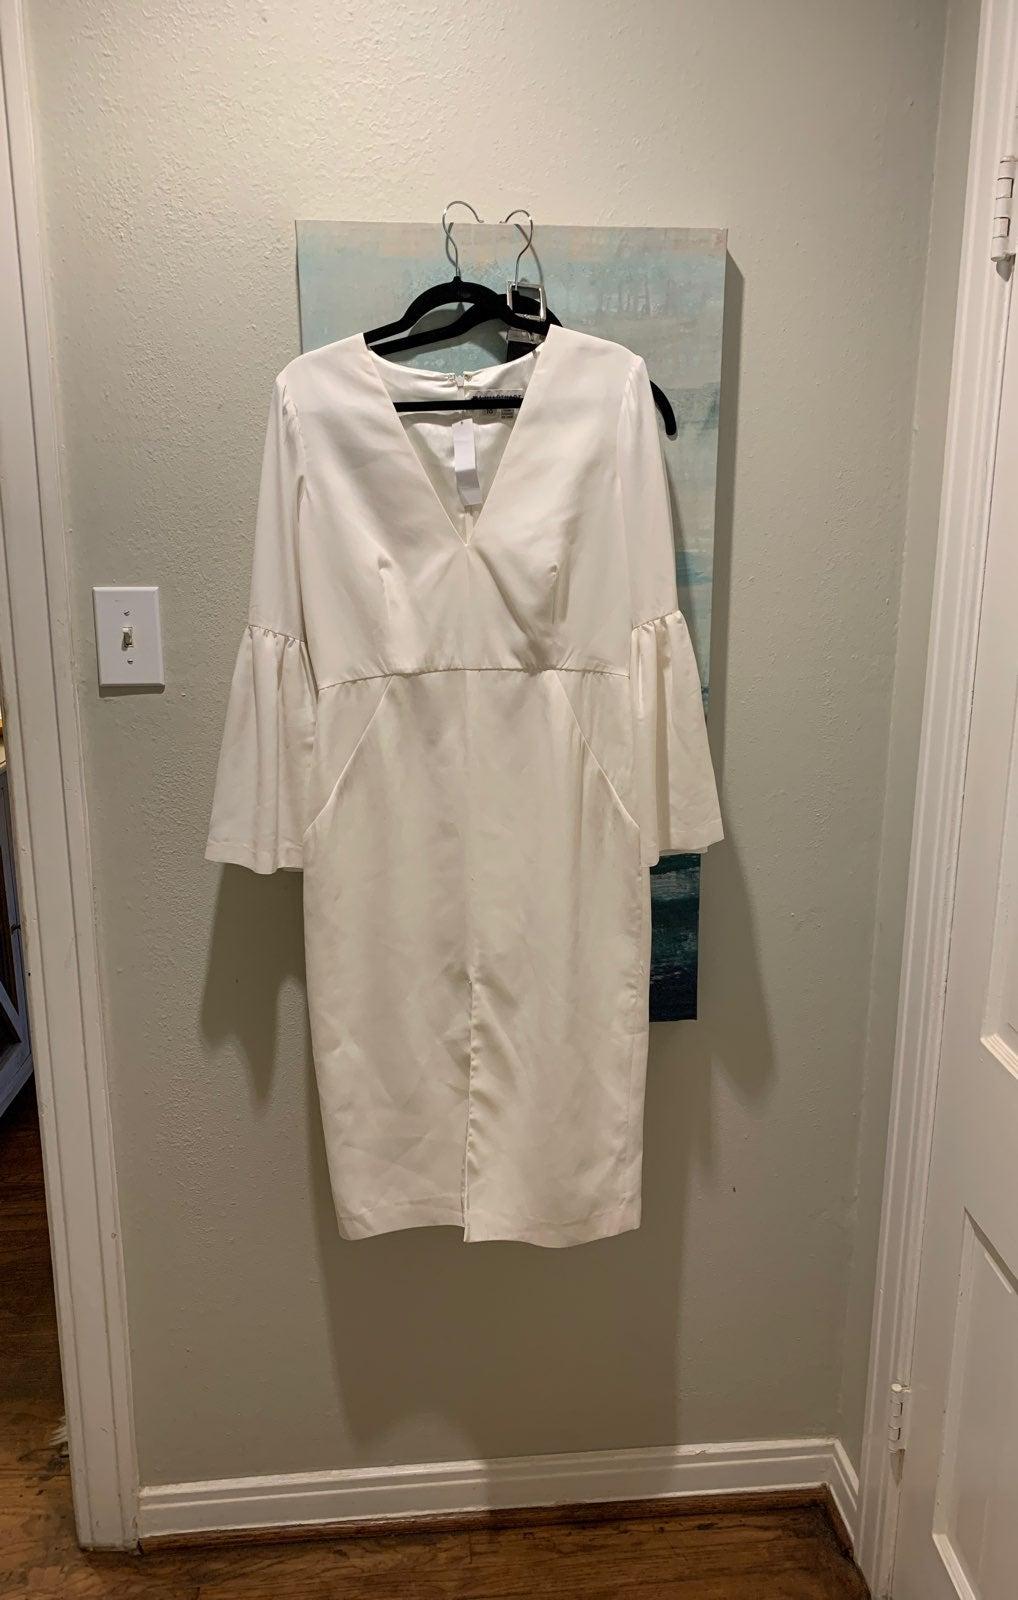 NWT BHDLN Size 10 Jill Jill Stuart Dress